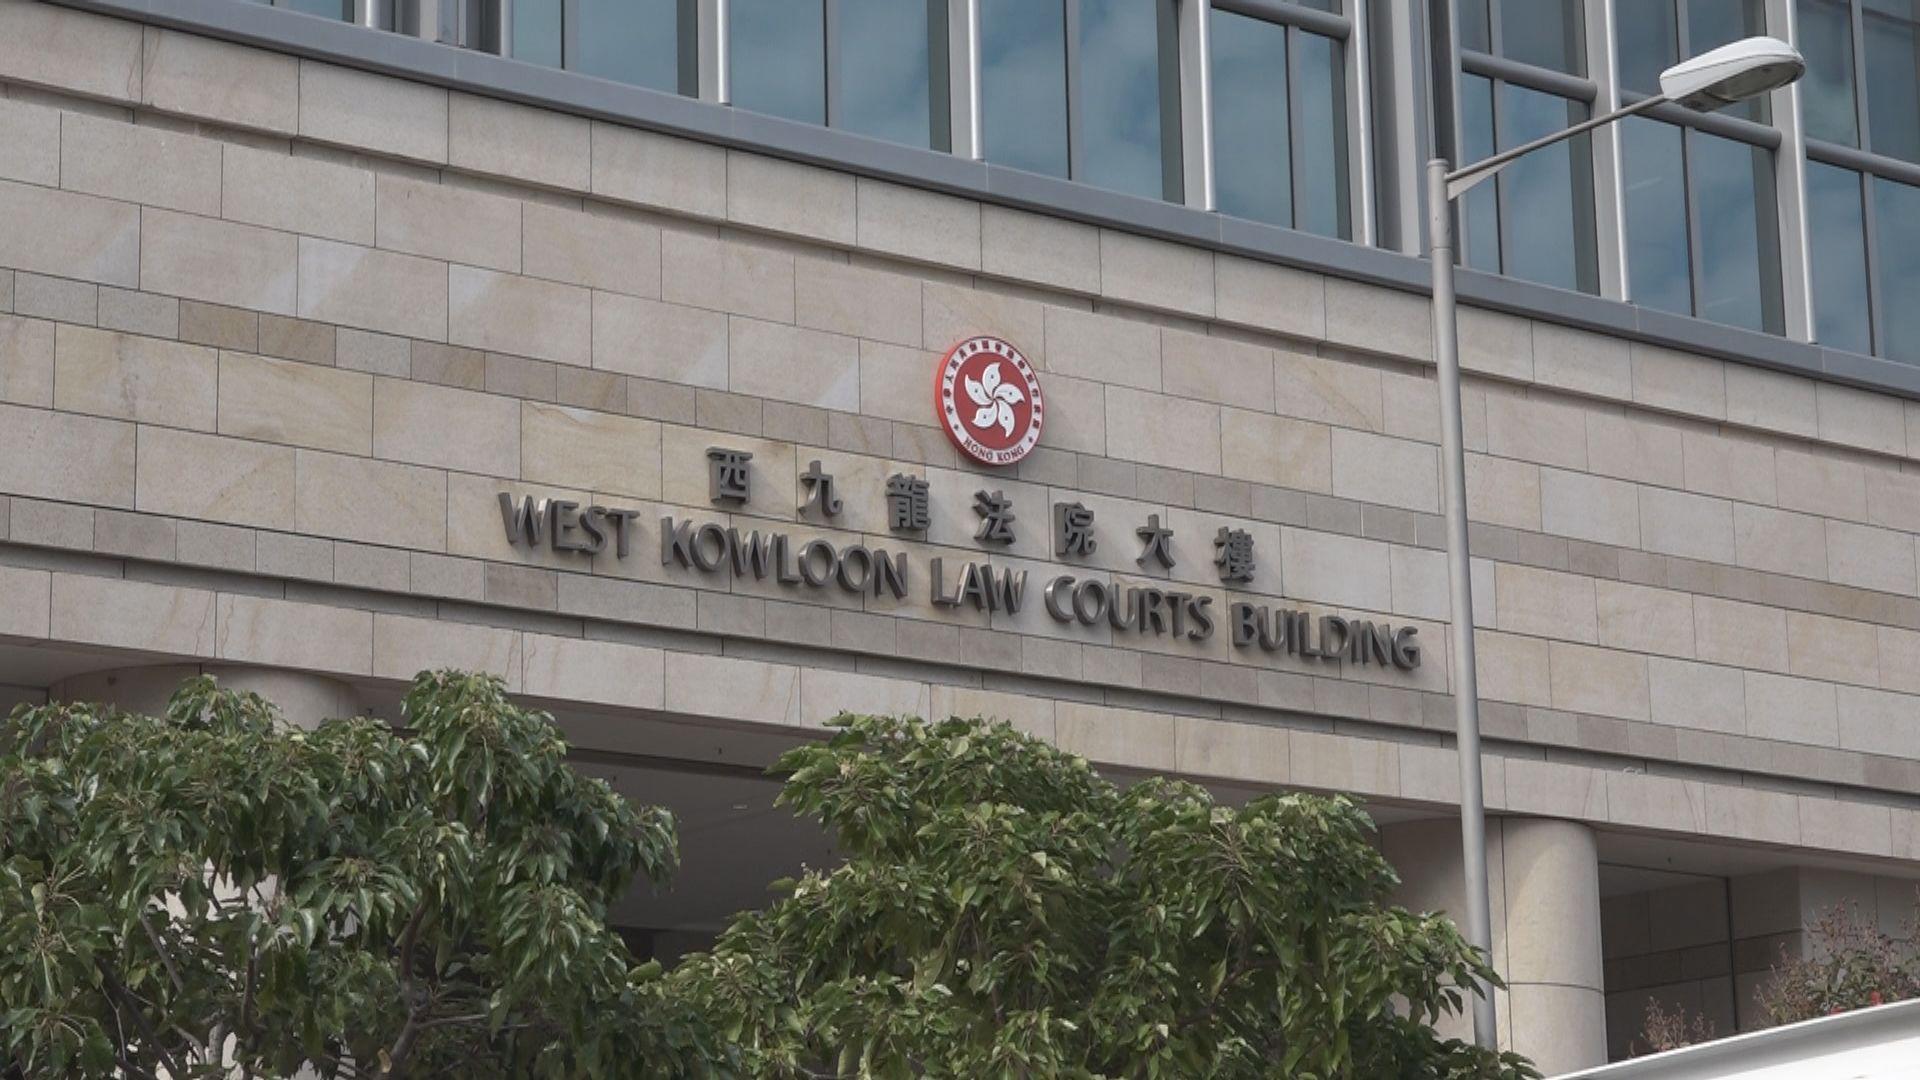 壹傳媒集團張劍虹及羅偉光被控違國安法提堂